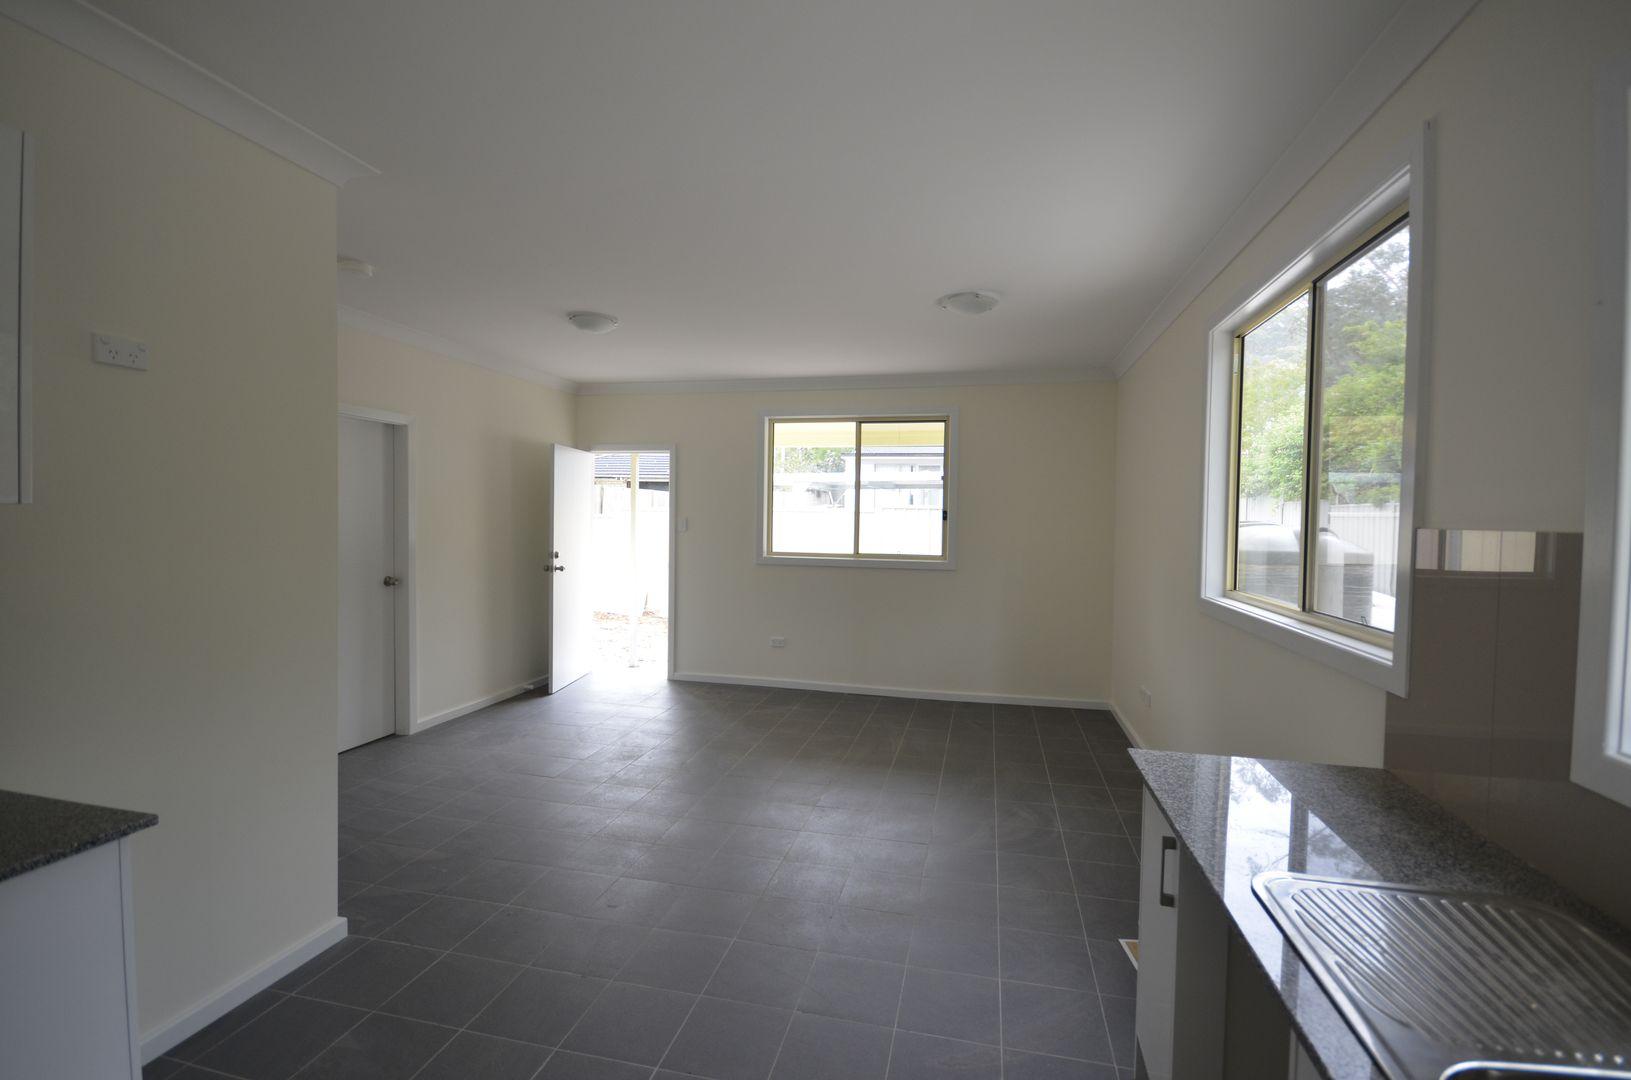 147a Woy Woy Road, Woy Woy NSW 2256, Image 1